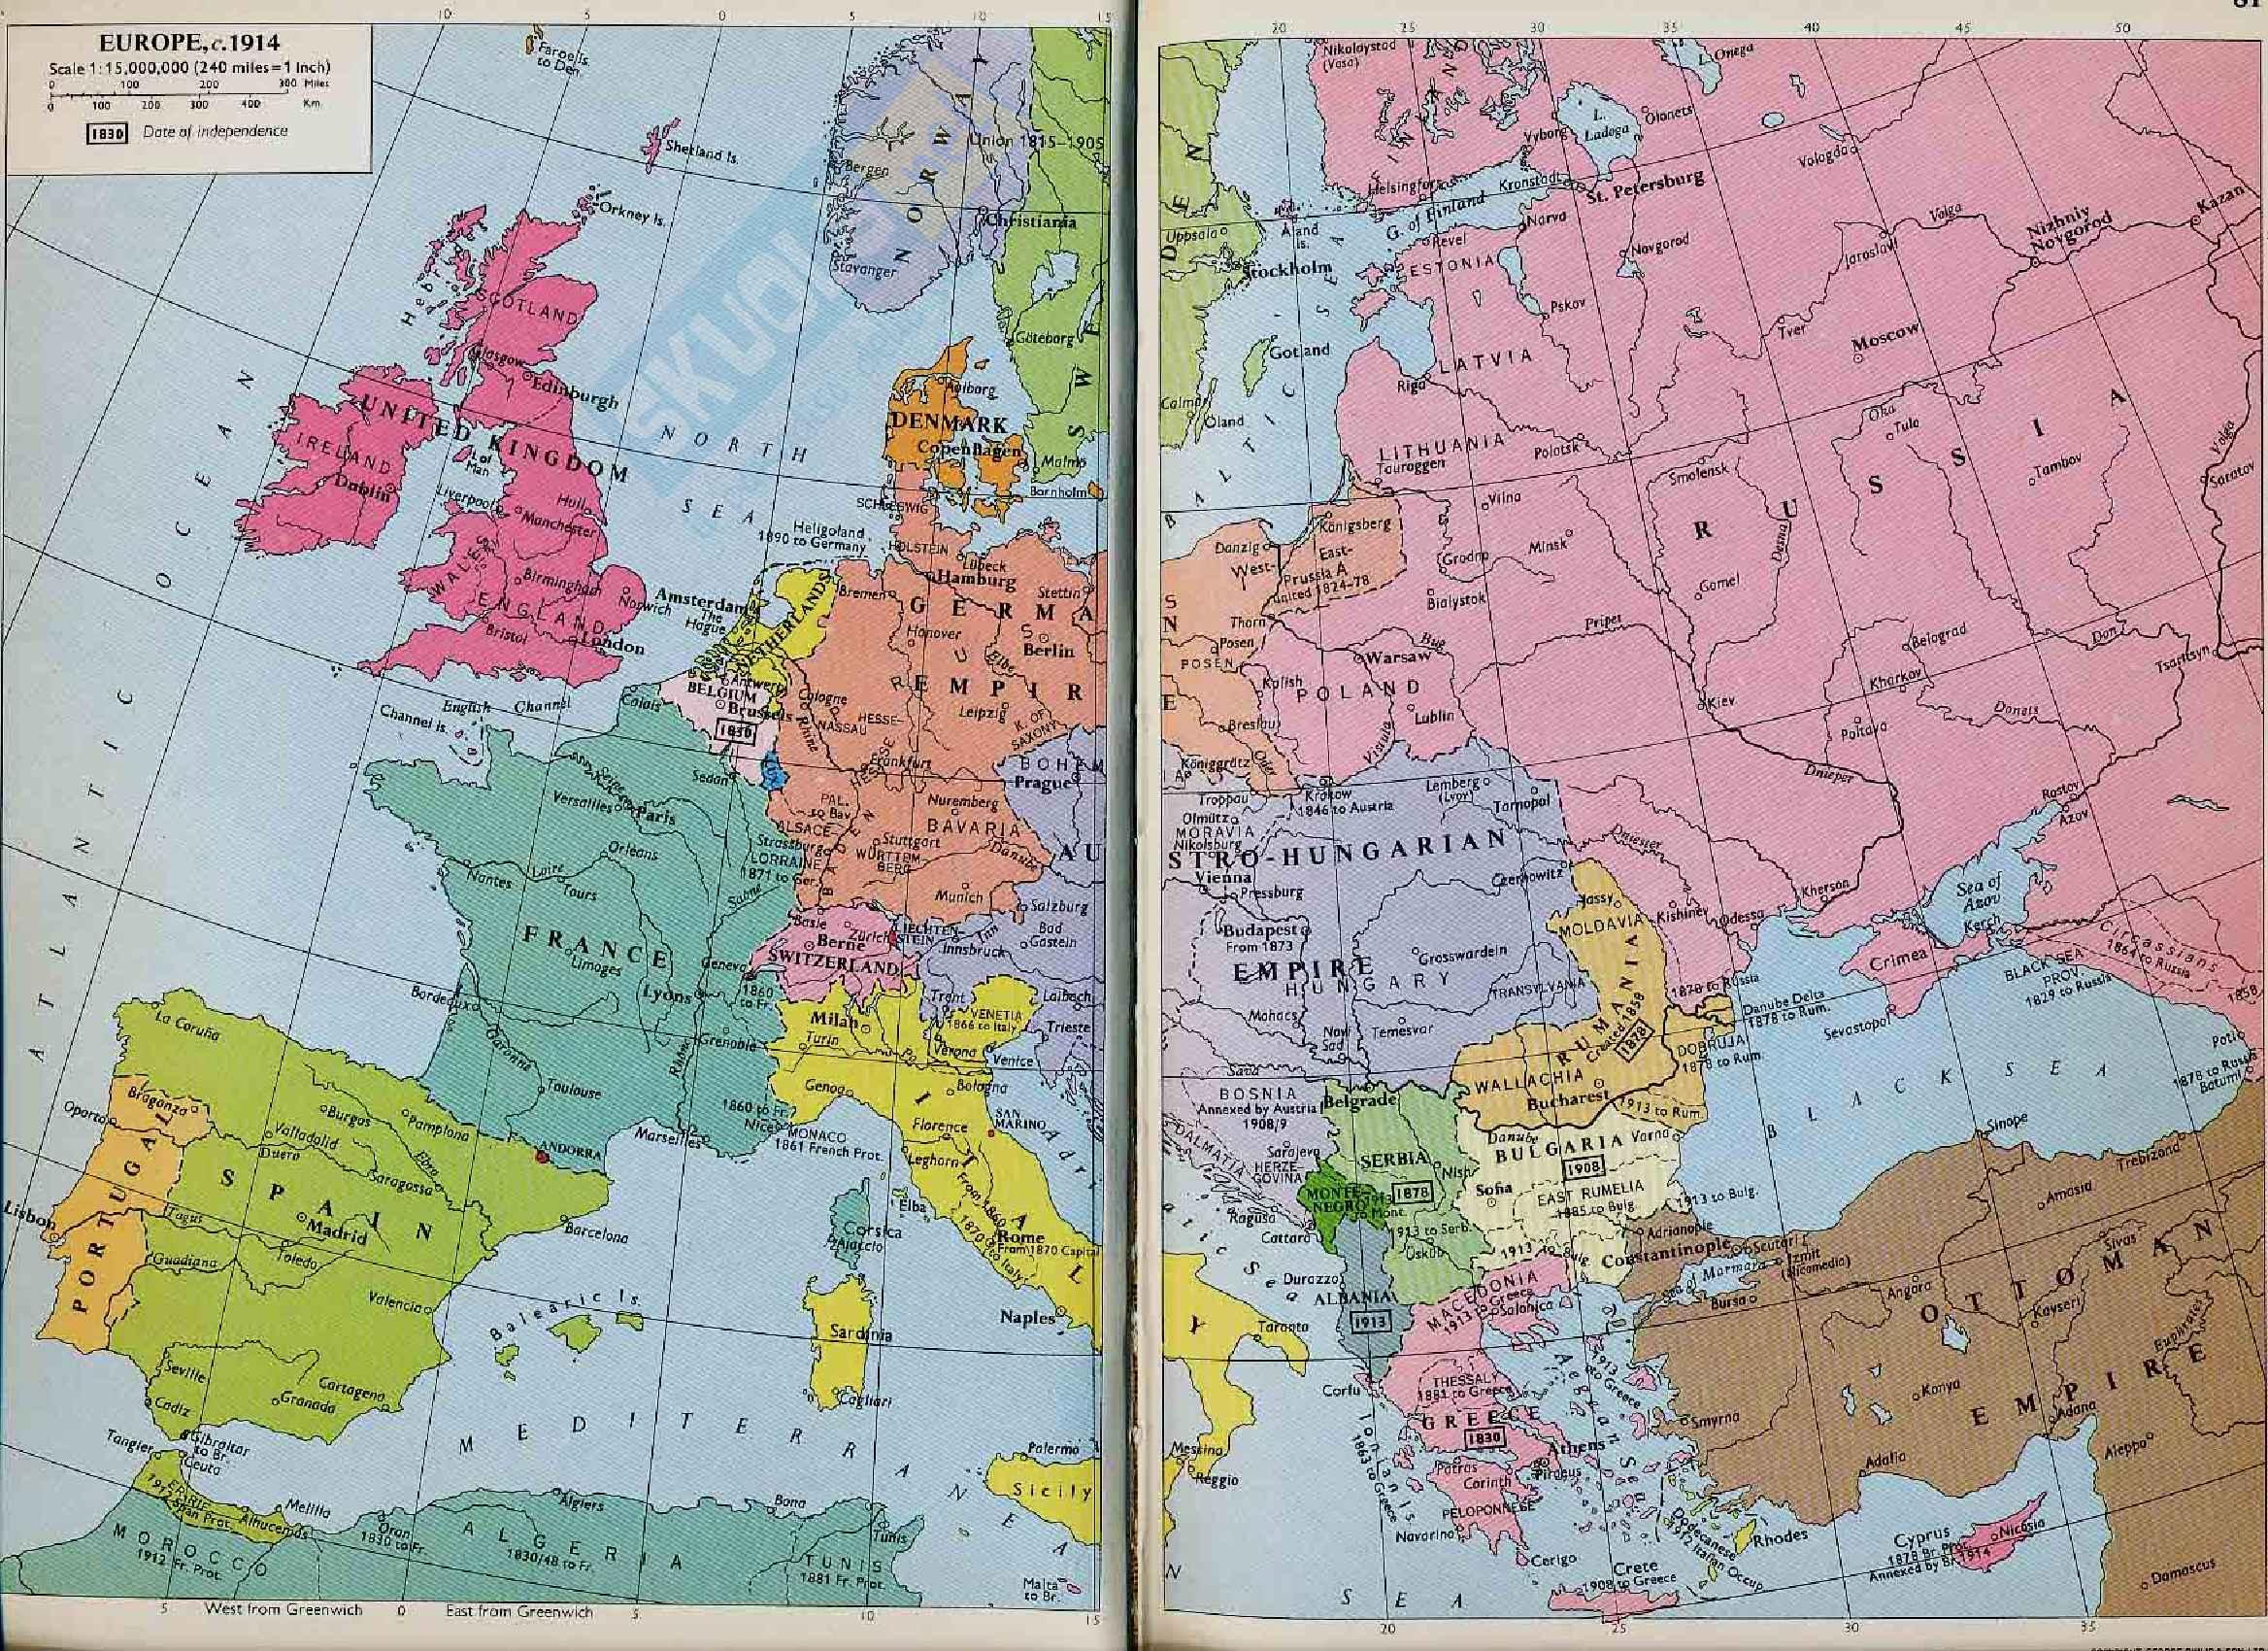 Prima Guerra Mondiale - Europa nel 1914, mappa storica